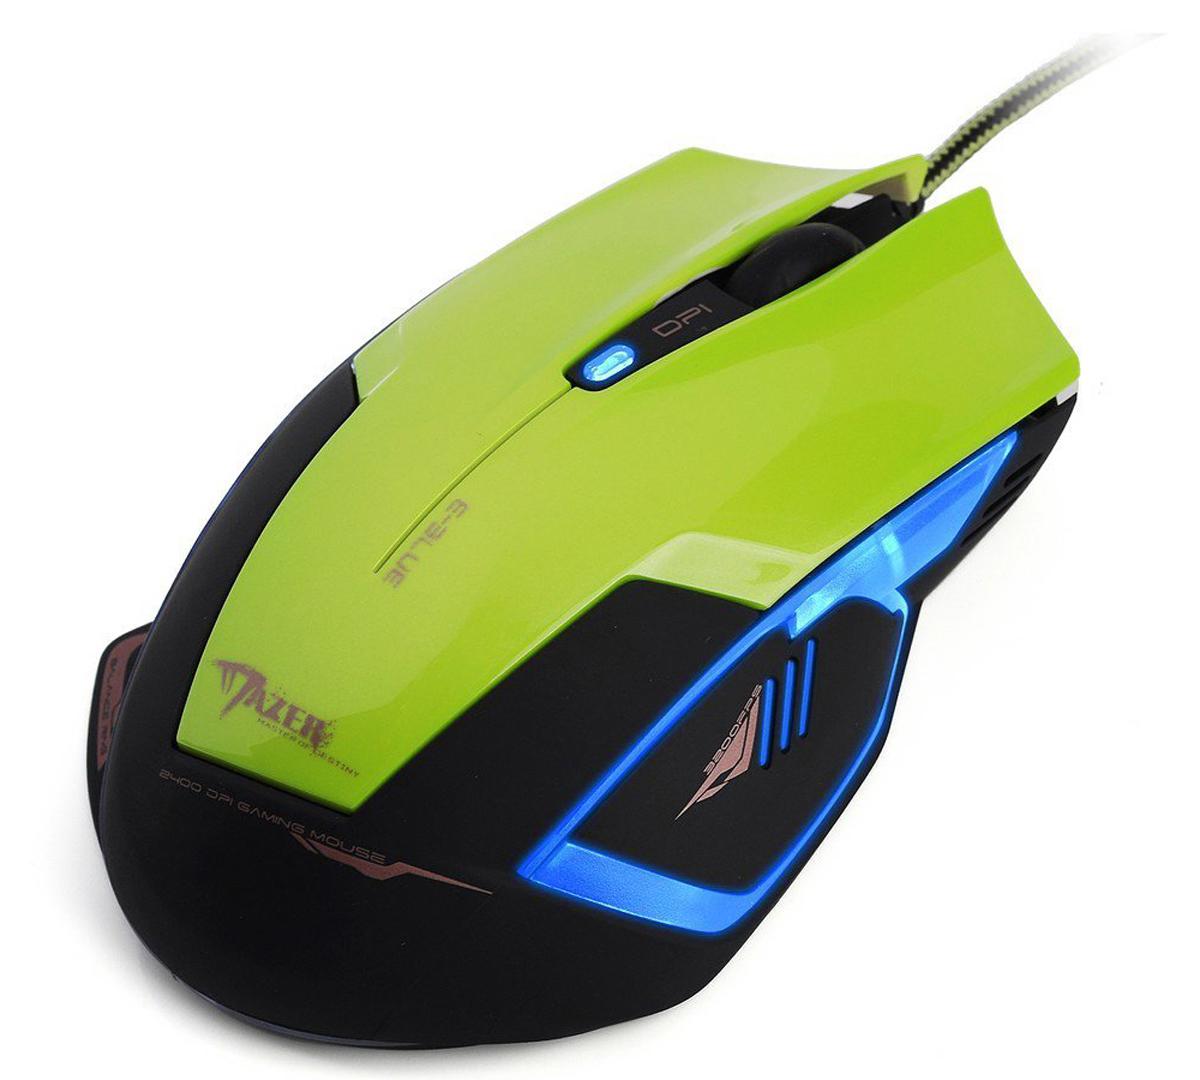 E-Blue EMS124 Mazer Type-R, Green игровая мышьEMS124GR(1)Компьютерная оптическая мышь E-Blue EMS124 Mazer Type-R - идеальный выбор для геймеров. Эргономичный дизайн устройства создан для максимально удобной работы правой рукой. Сверхчувствительный оптический сенсор Red Wave с настройками от 600 до 2400 dpi обеспечивает максимальную точность и быстроту отклика. Разрешение также можно выбрать при помощи полупрозрачной кнопки в центре устройства. Дополнительное удобство обеспечивают кнопки Backward и Forward, а также освещаемые зоны, которые при подключении устройства к компьютеру создадут неповторимую игровую атмосферу, особенно если вы играете в темноте.